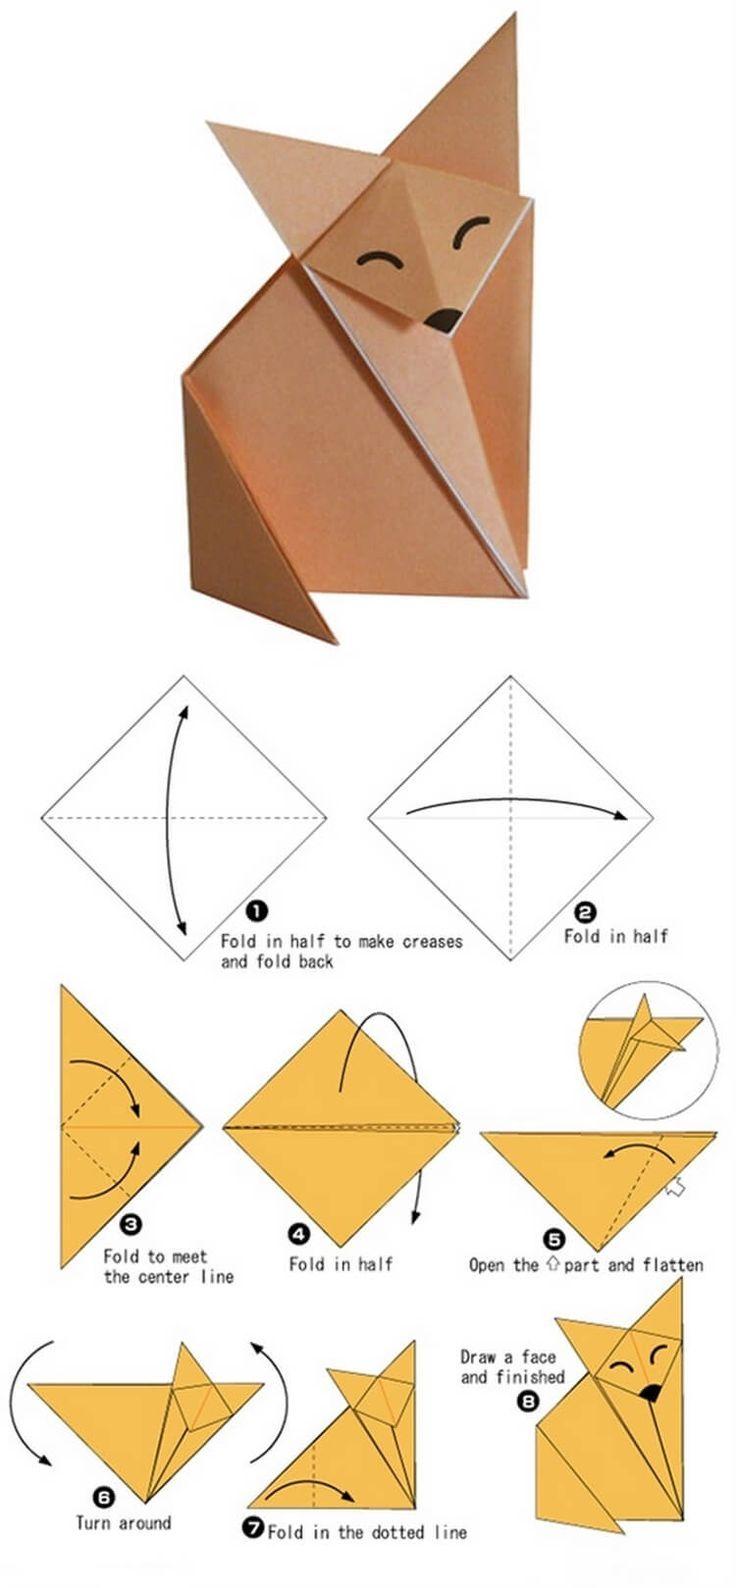 14 einfache Muster – Origami, die verbessert werden können … – DIY Papier Blog